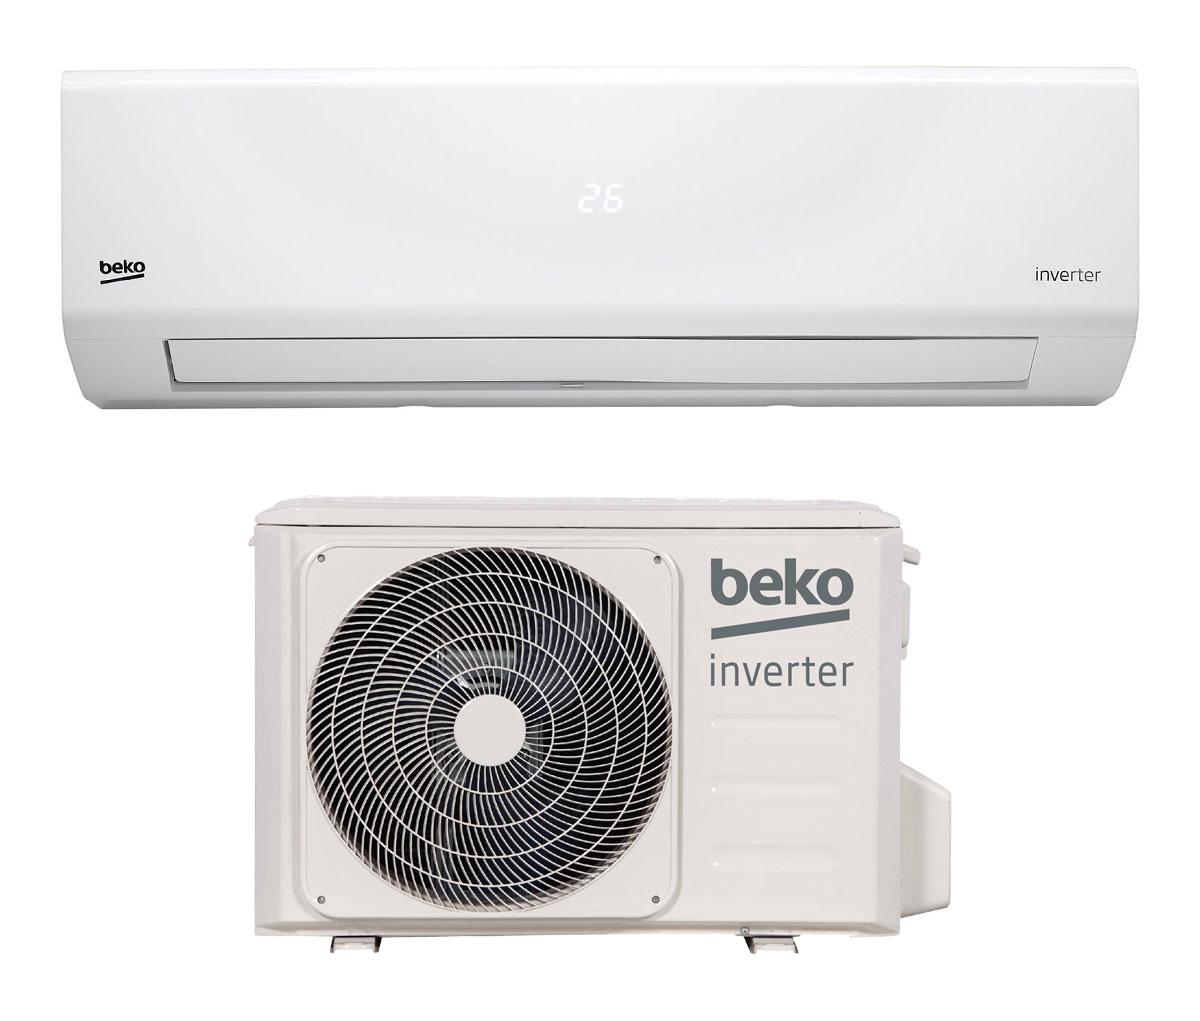 Beko È Una Sottomarca migliori climatizzatori a parete monosplit del 2020